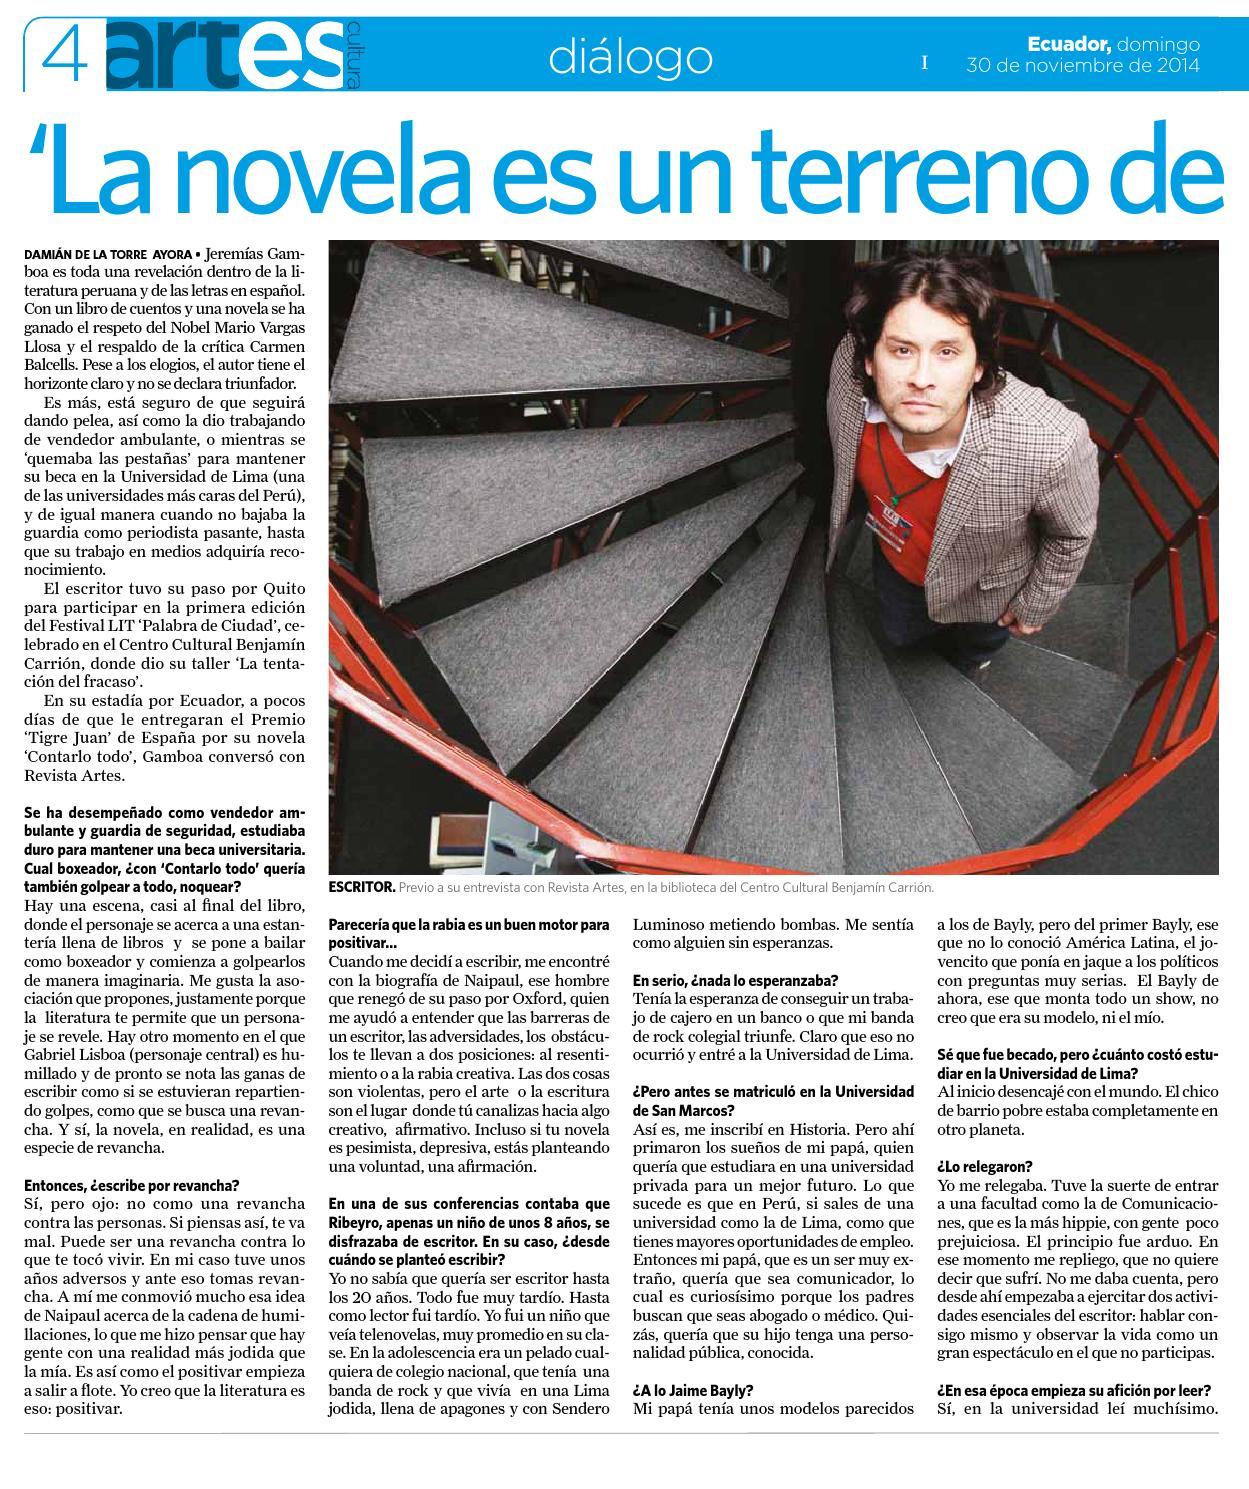 Quito 30 De Noviembre 2014 By La Hora Ecuador Issuu Ambos grabaron para el segmento 'la. issuu